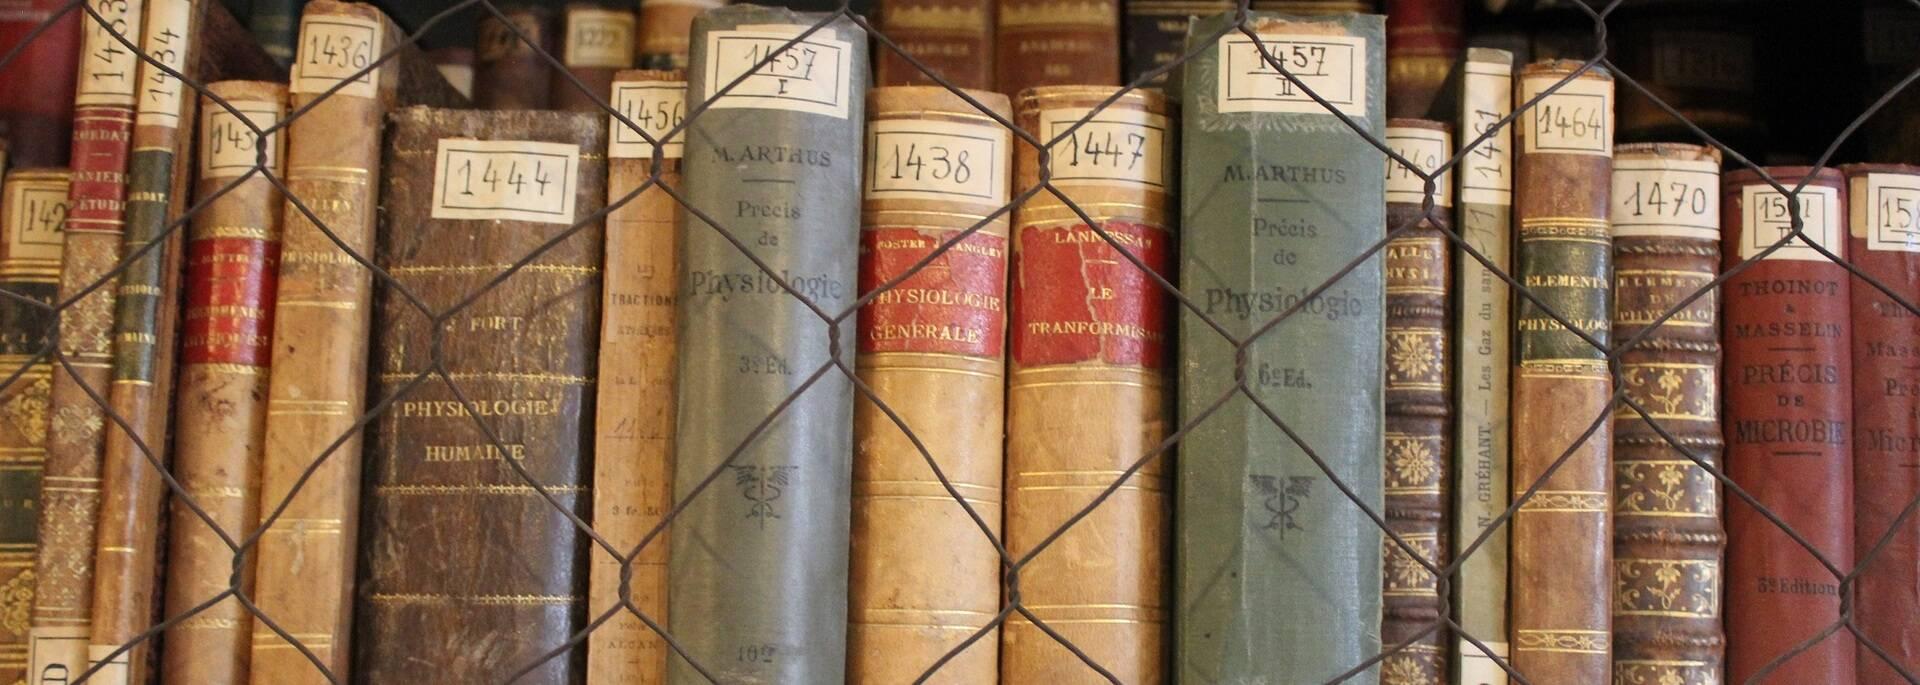 Livres anciens Musée de la Médecine Navale - ©P.Migaud / FDHPA 17